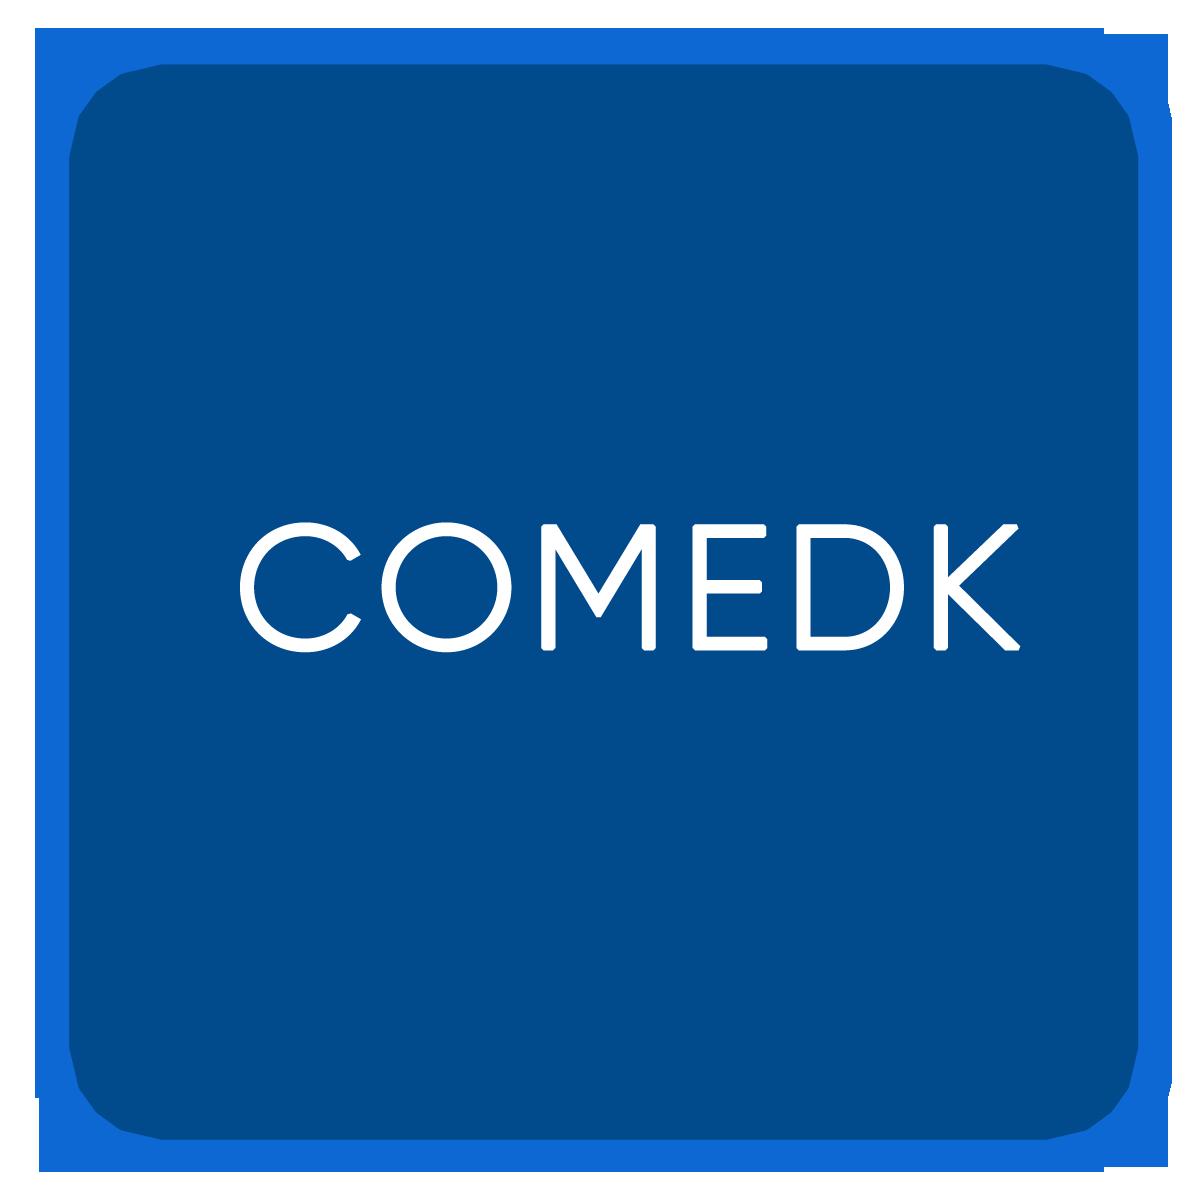 COMEDK